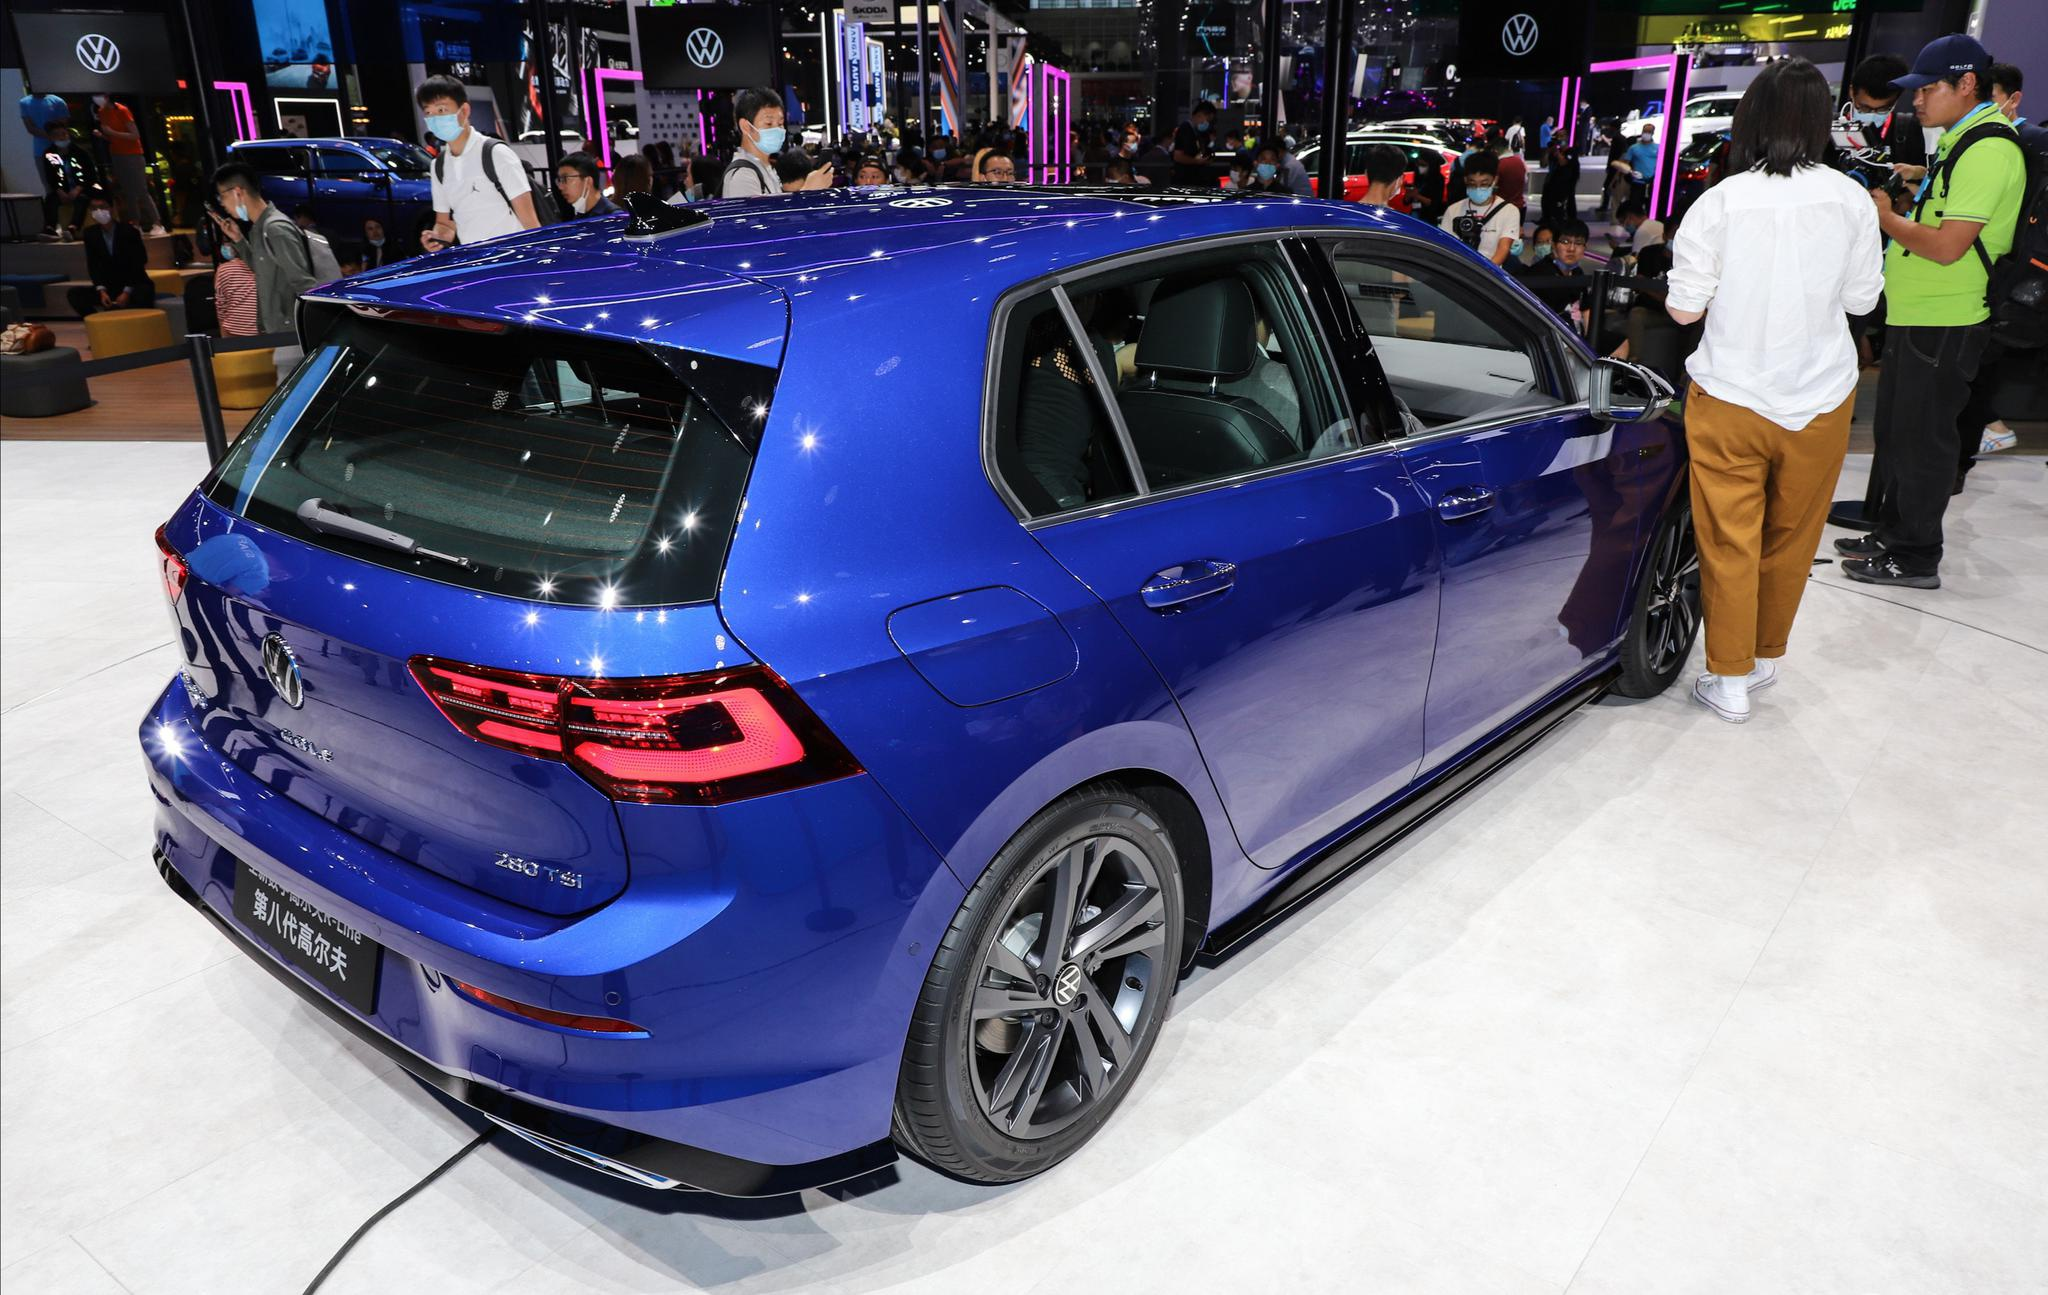 11月又一新车上市,1.4T带自动驾驶,还可语音控全车仅售13万